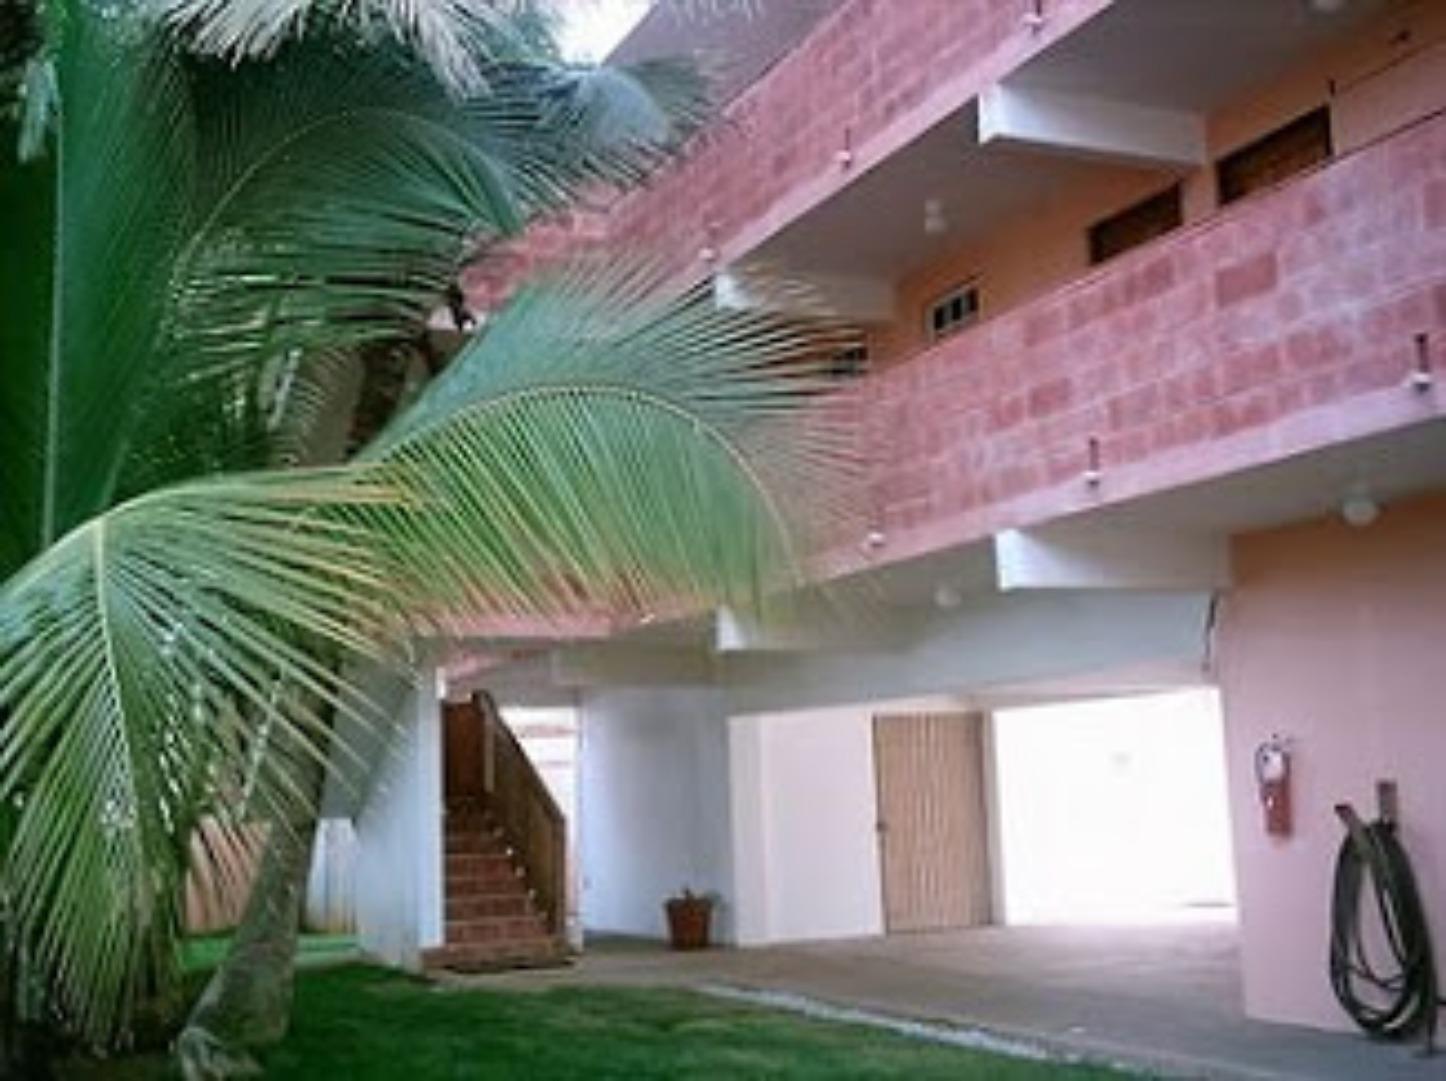 A tree in a room at Luquillo Sunrise Beach Inn.